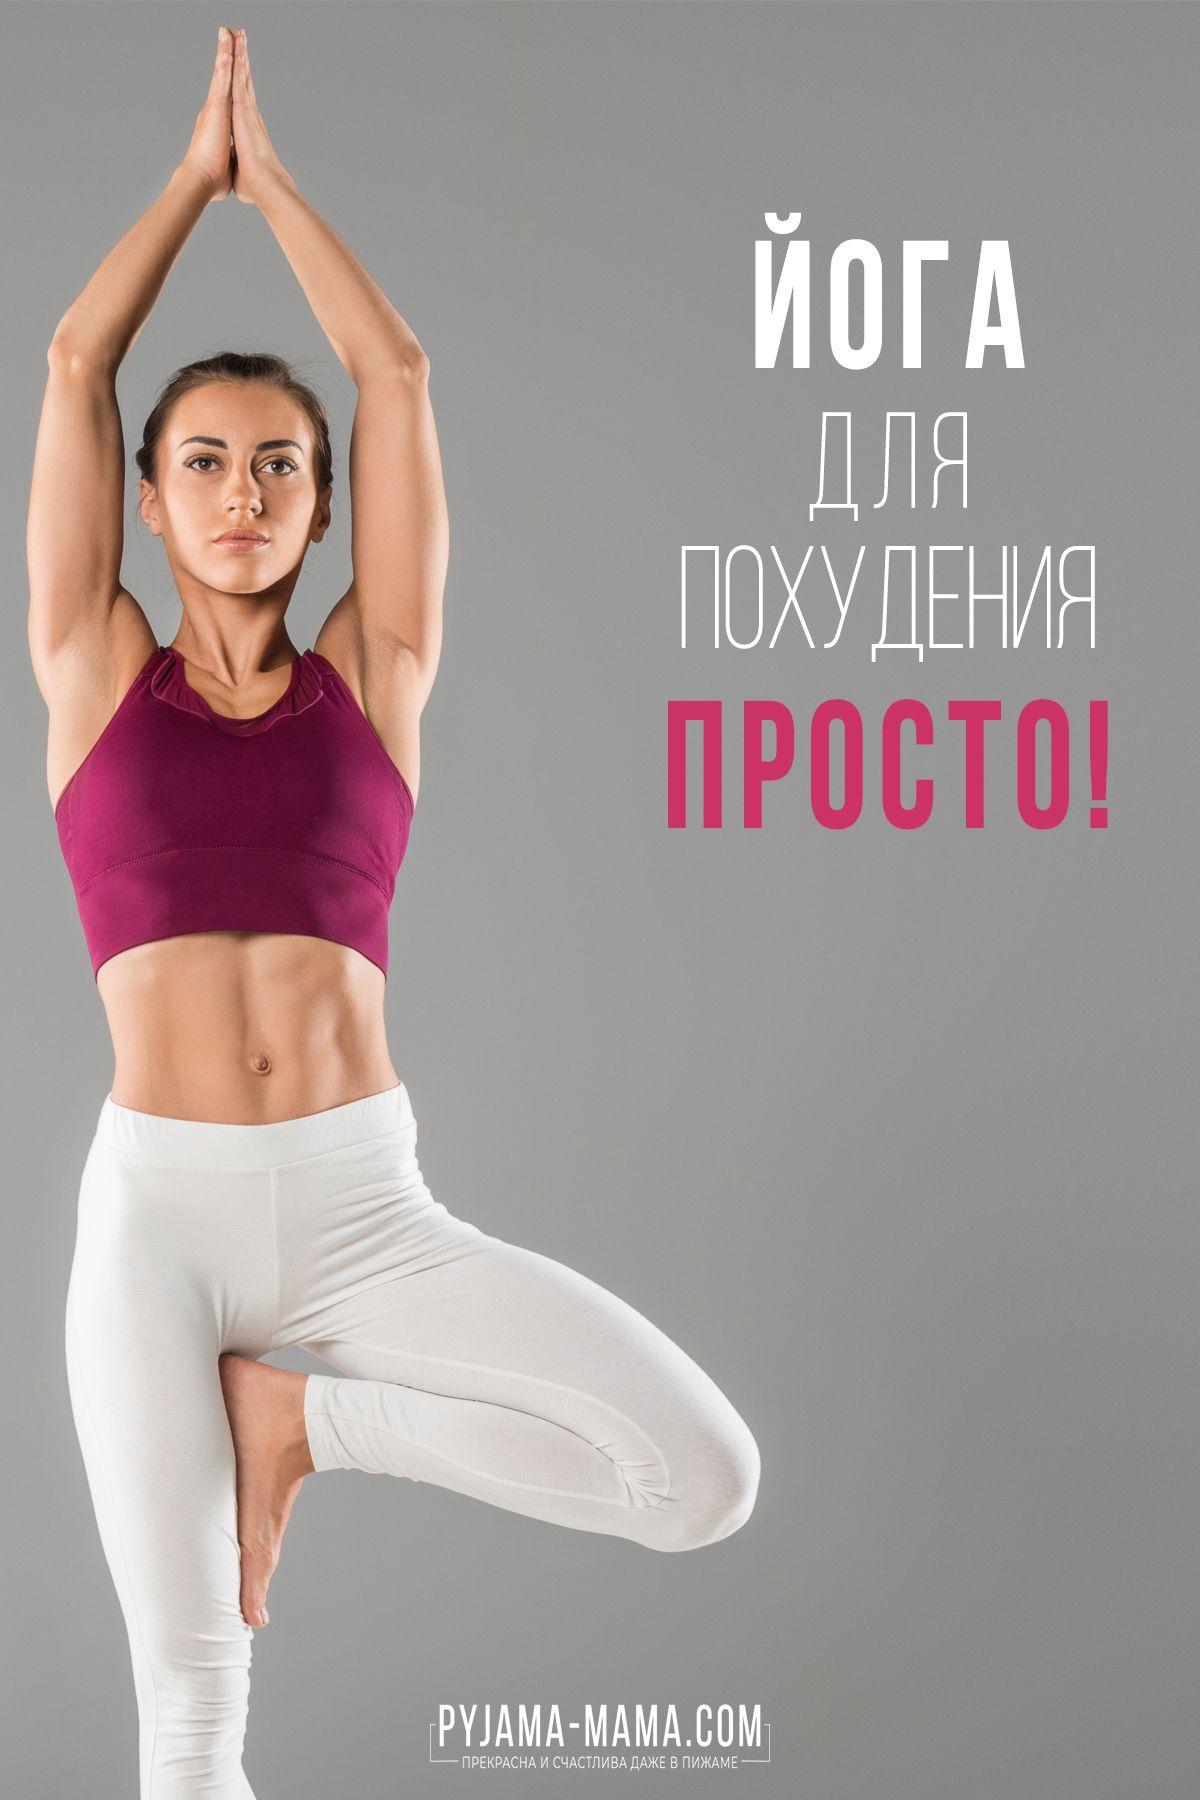 Йога позы для похудения: руководство +4 асаны для начинающих.